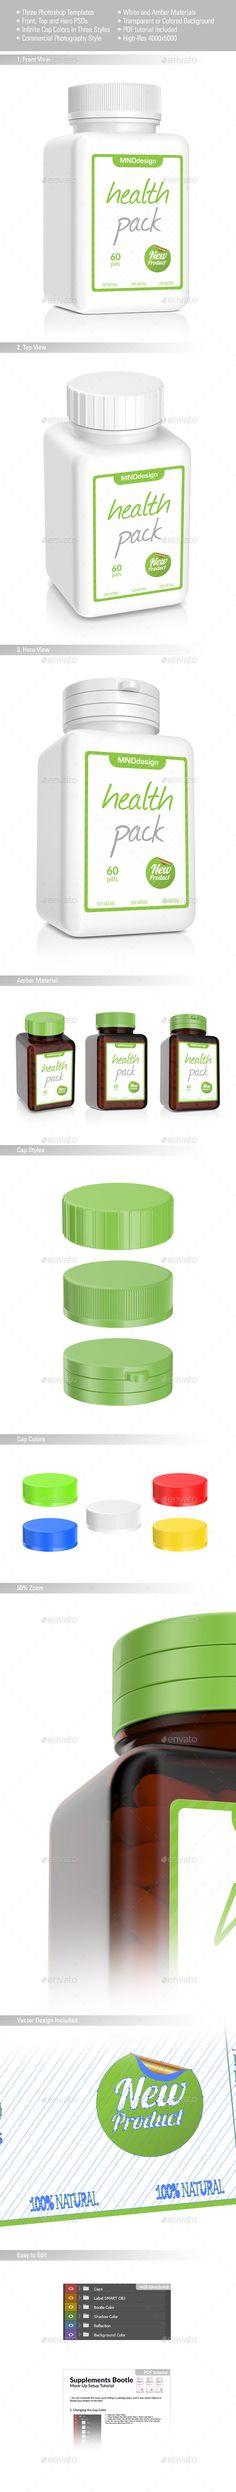 Pills Bottle Mockup. Download here: http://graphicriver.net/item/pills-bottle-v2-mockup/15888213?ref=ksioks